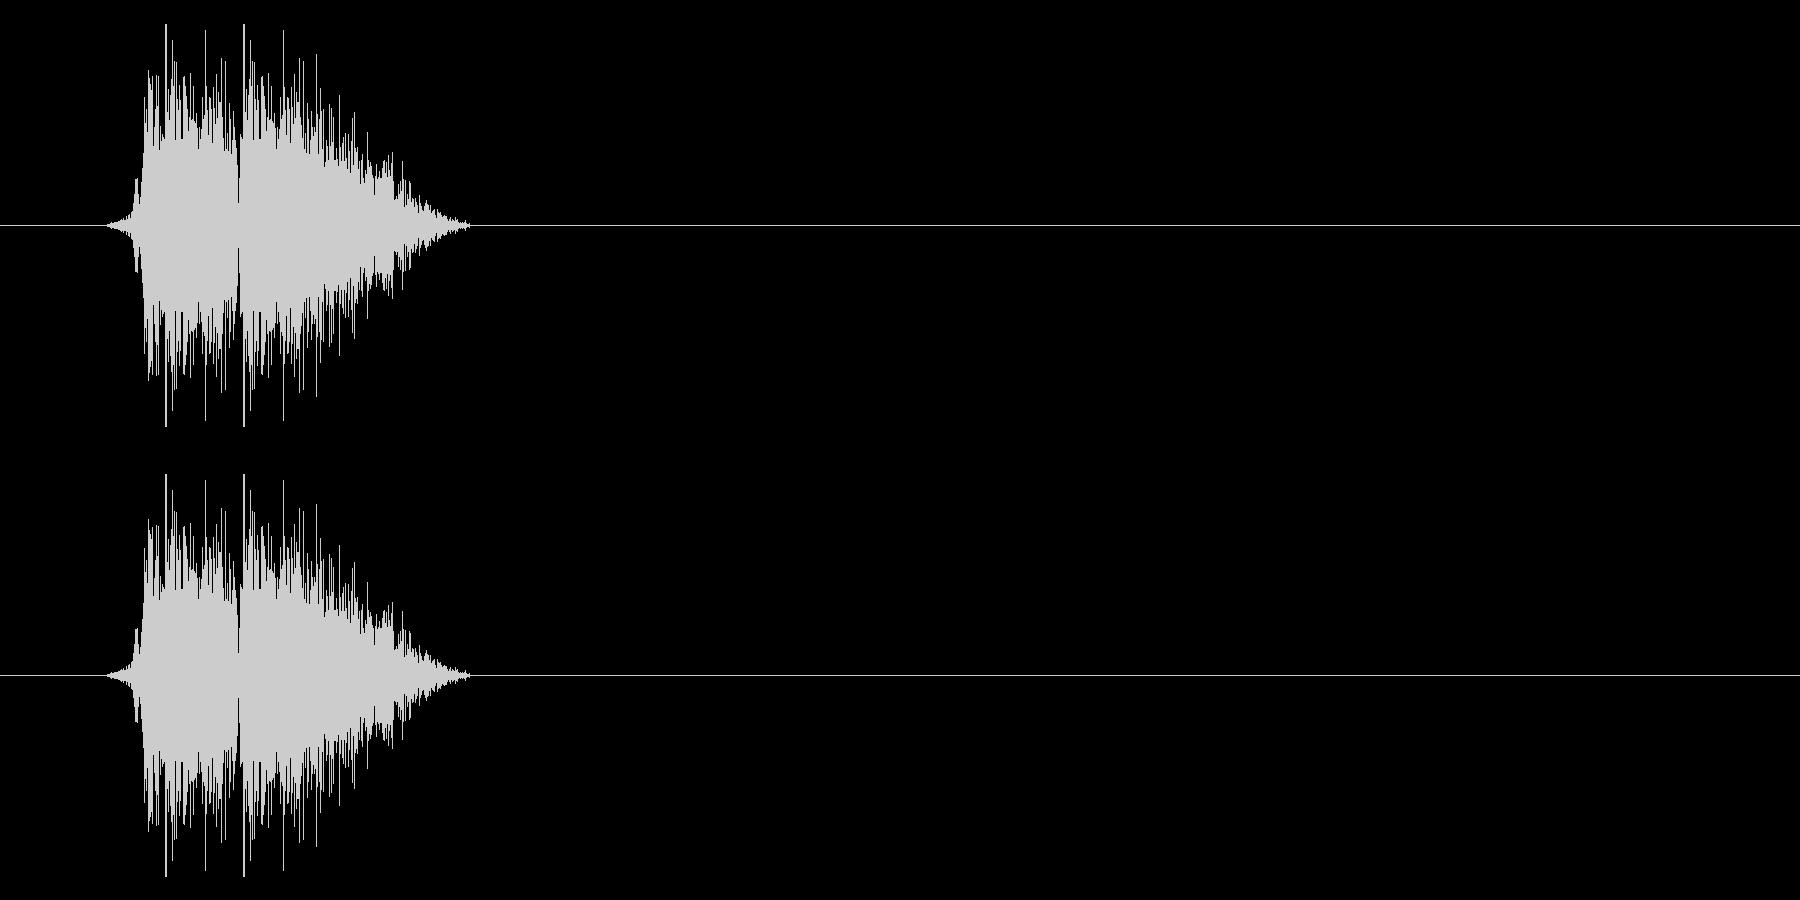 打撃07-4の未再生の波形